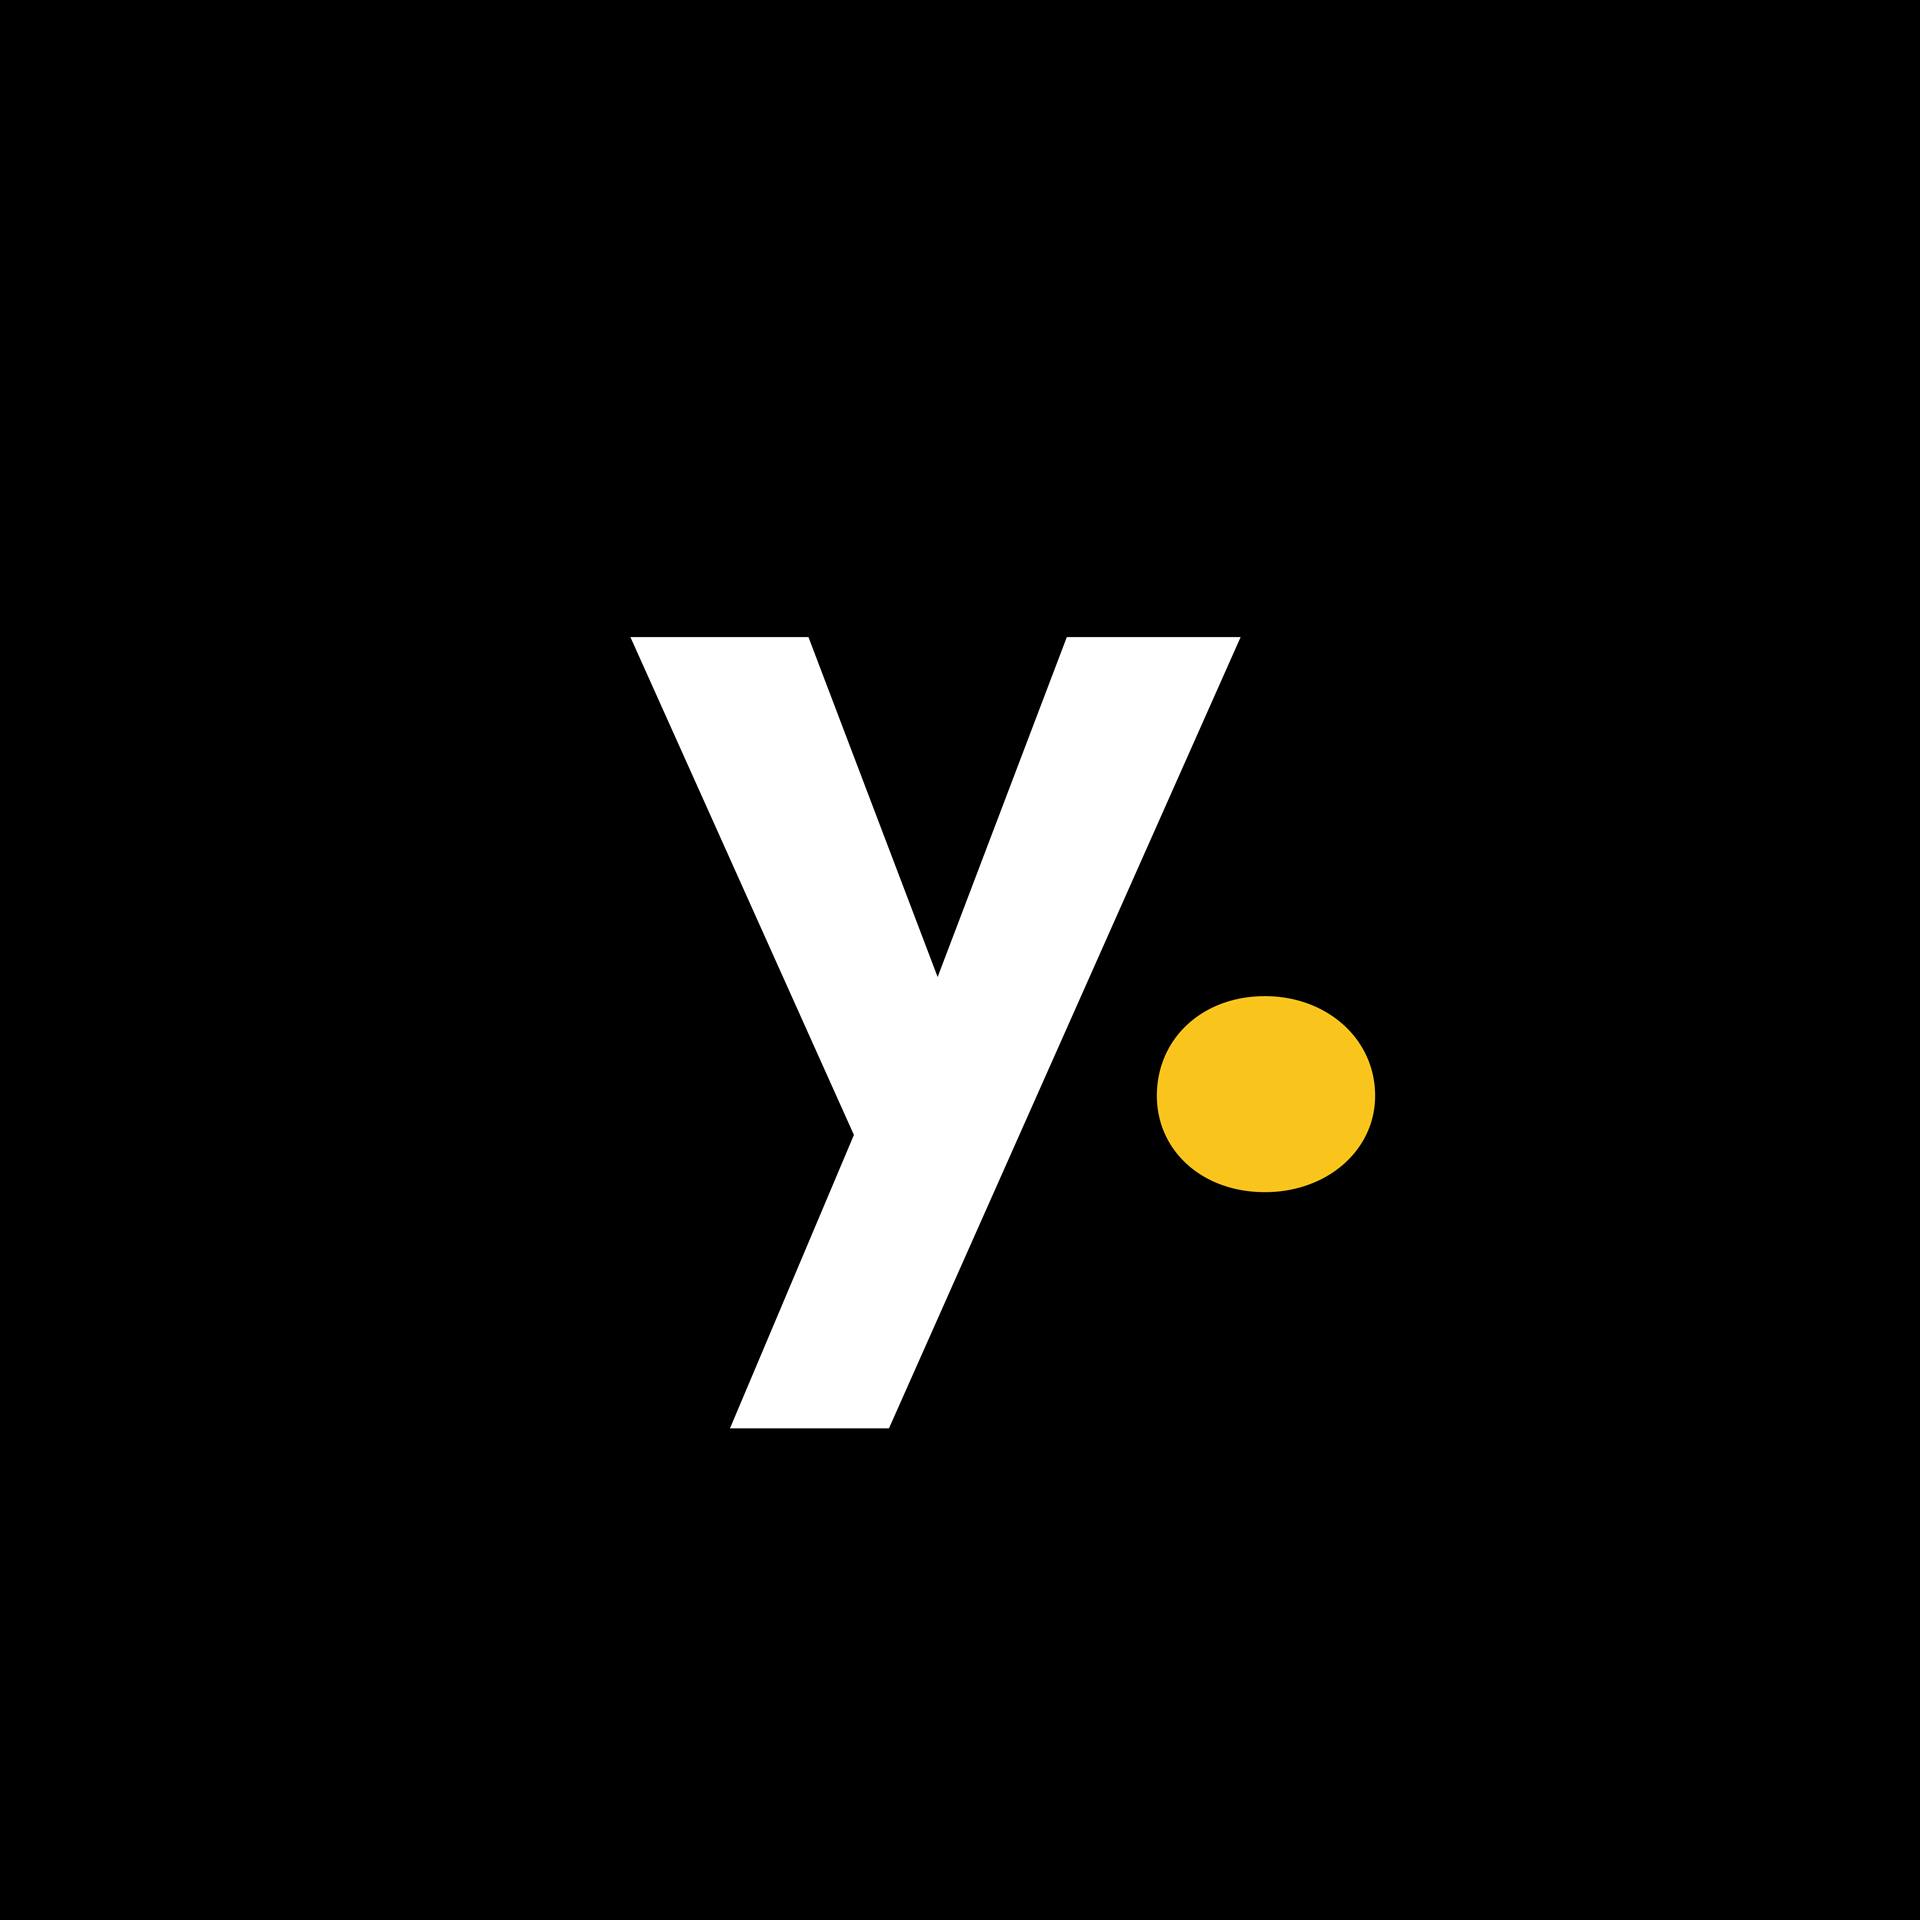 yala.agency